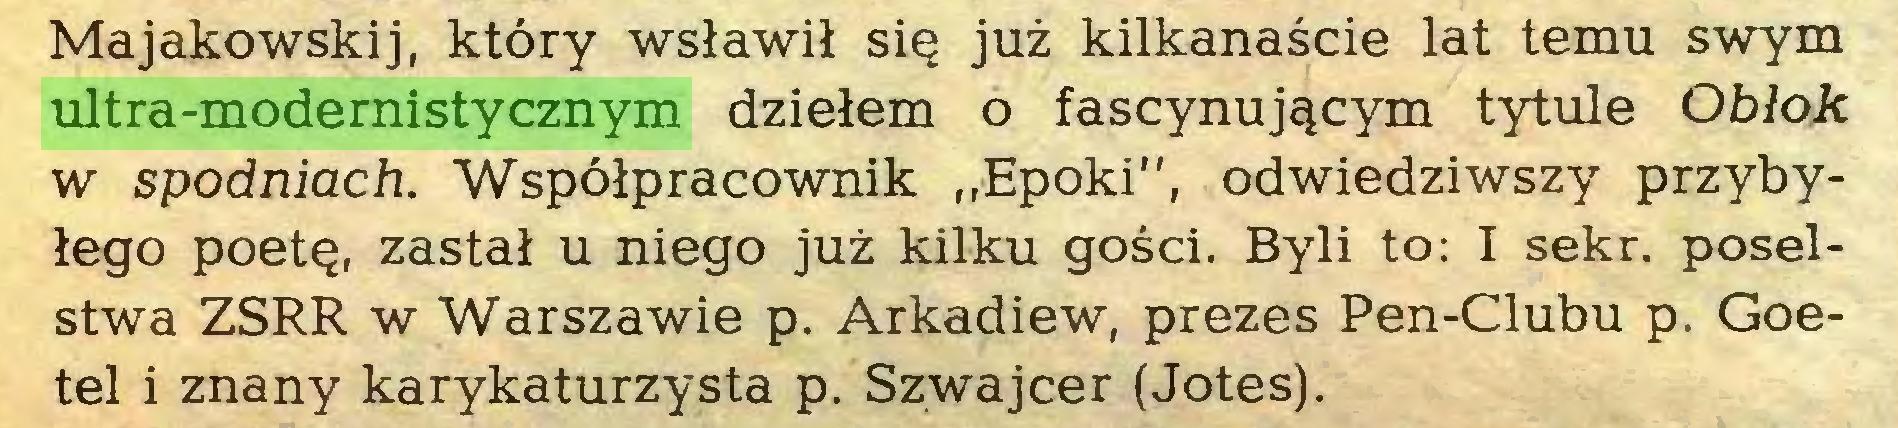 """(...) Majakowskij, ktory wslawil si§ juz kilkanascie lat temu swym ultra-modernistycznym dzielem o fascynuj^cym tytule Oblok w spodniach. Wspölpracownik """"Epoki"""", odwiedziwszy przybylego poetQ, zastal u niego juz kilku gosci. Byli to: I sekr. poselstwa ZSRR w Warszawie p. Arkadiew, prezes Pen-Clubu p. Goetel i znany karykaturzysta p. Szwajcer (Jotes)..."""